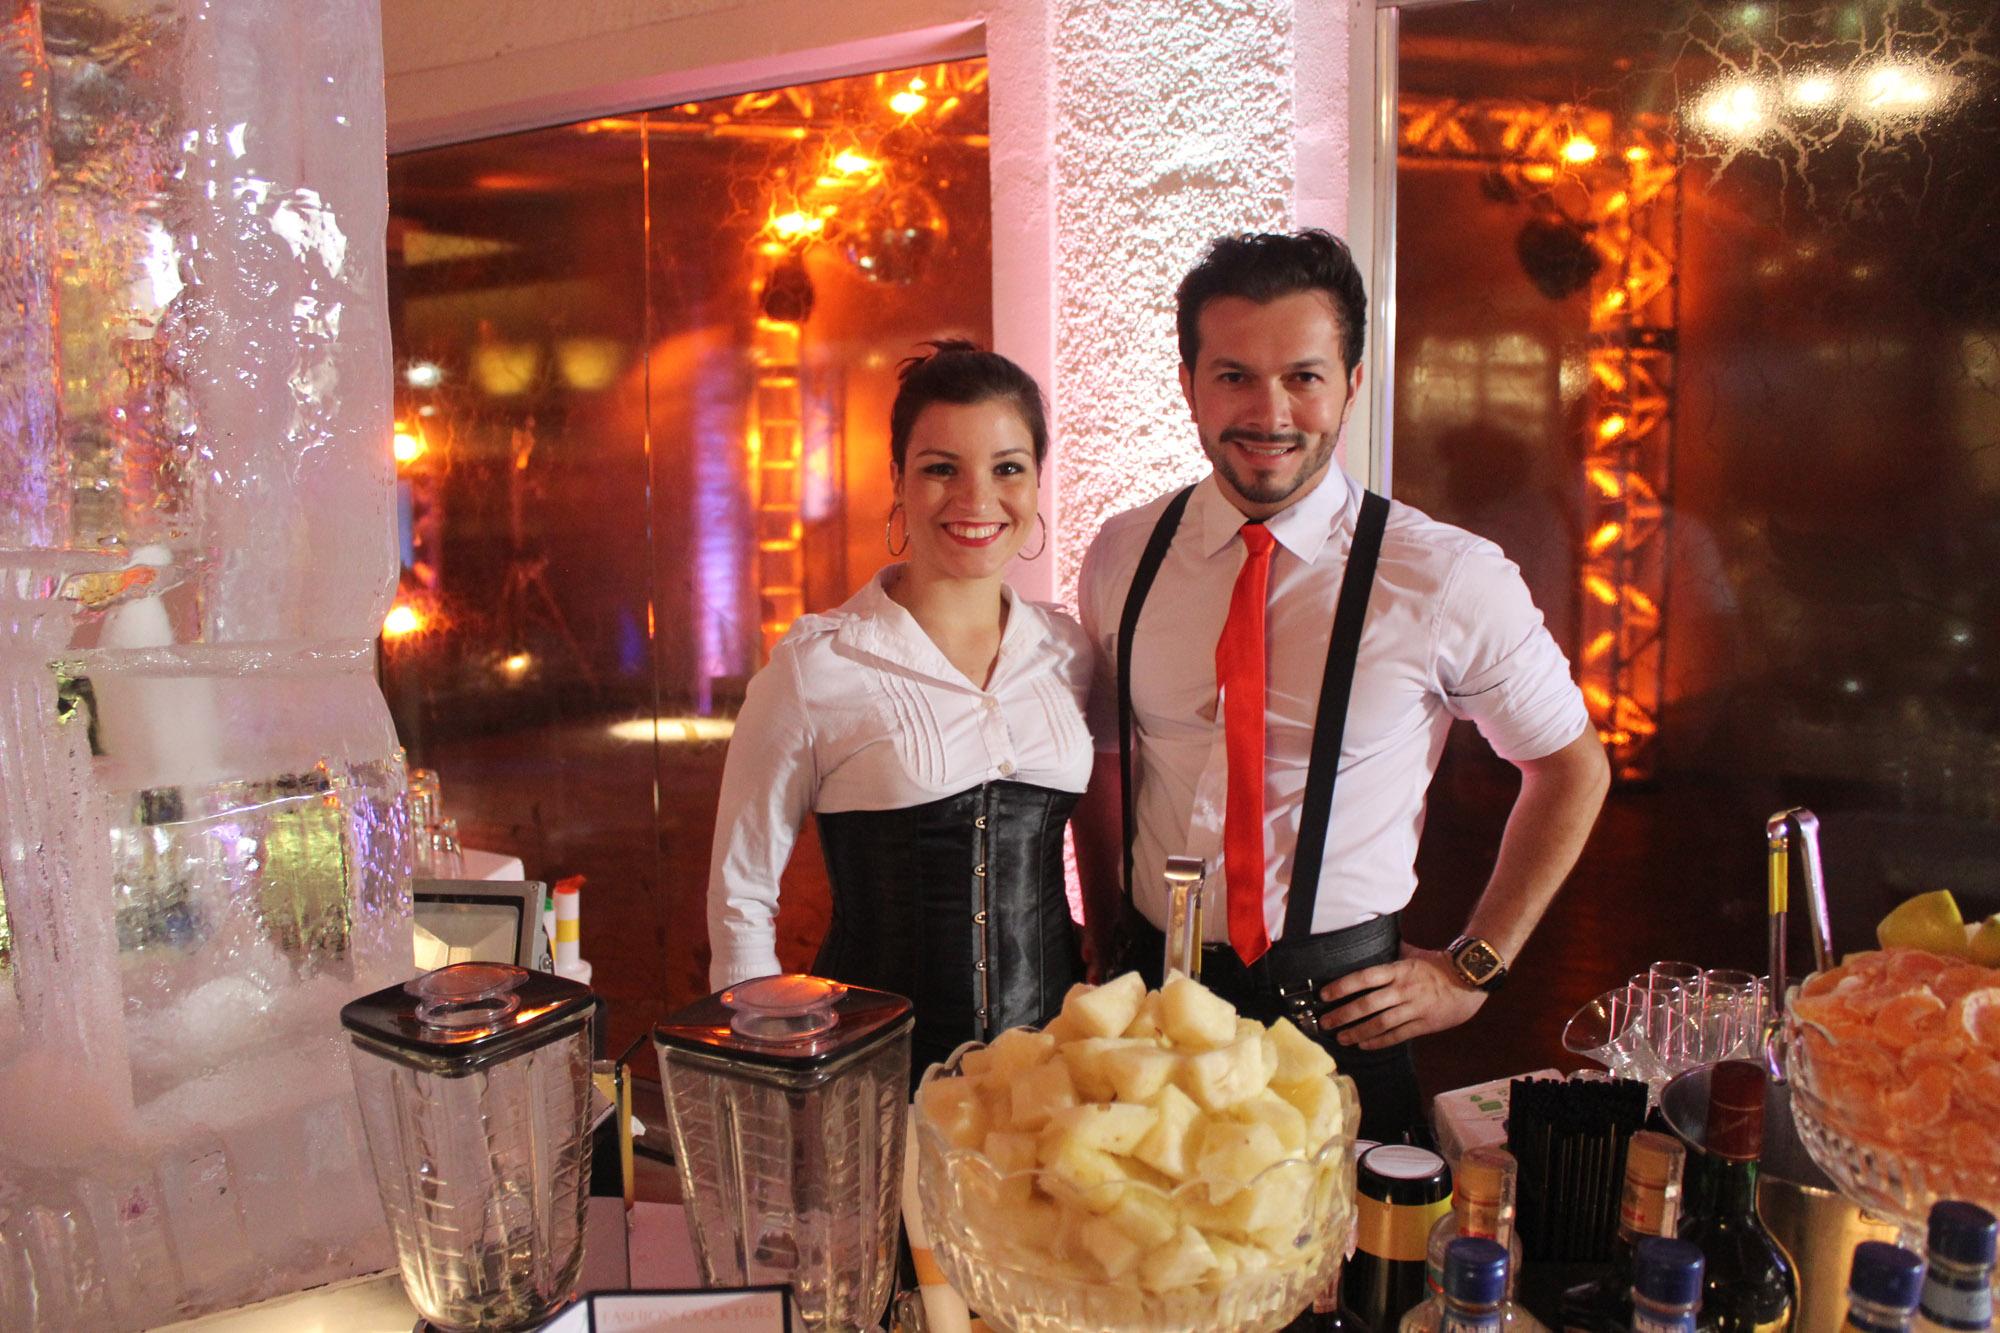 Bartenders em Casamento